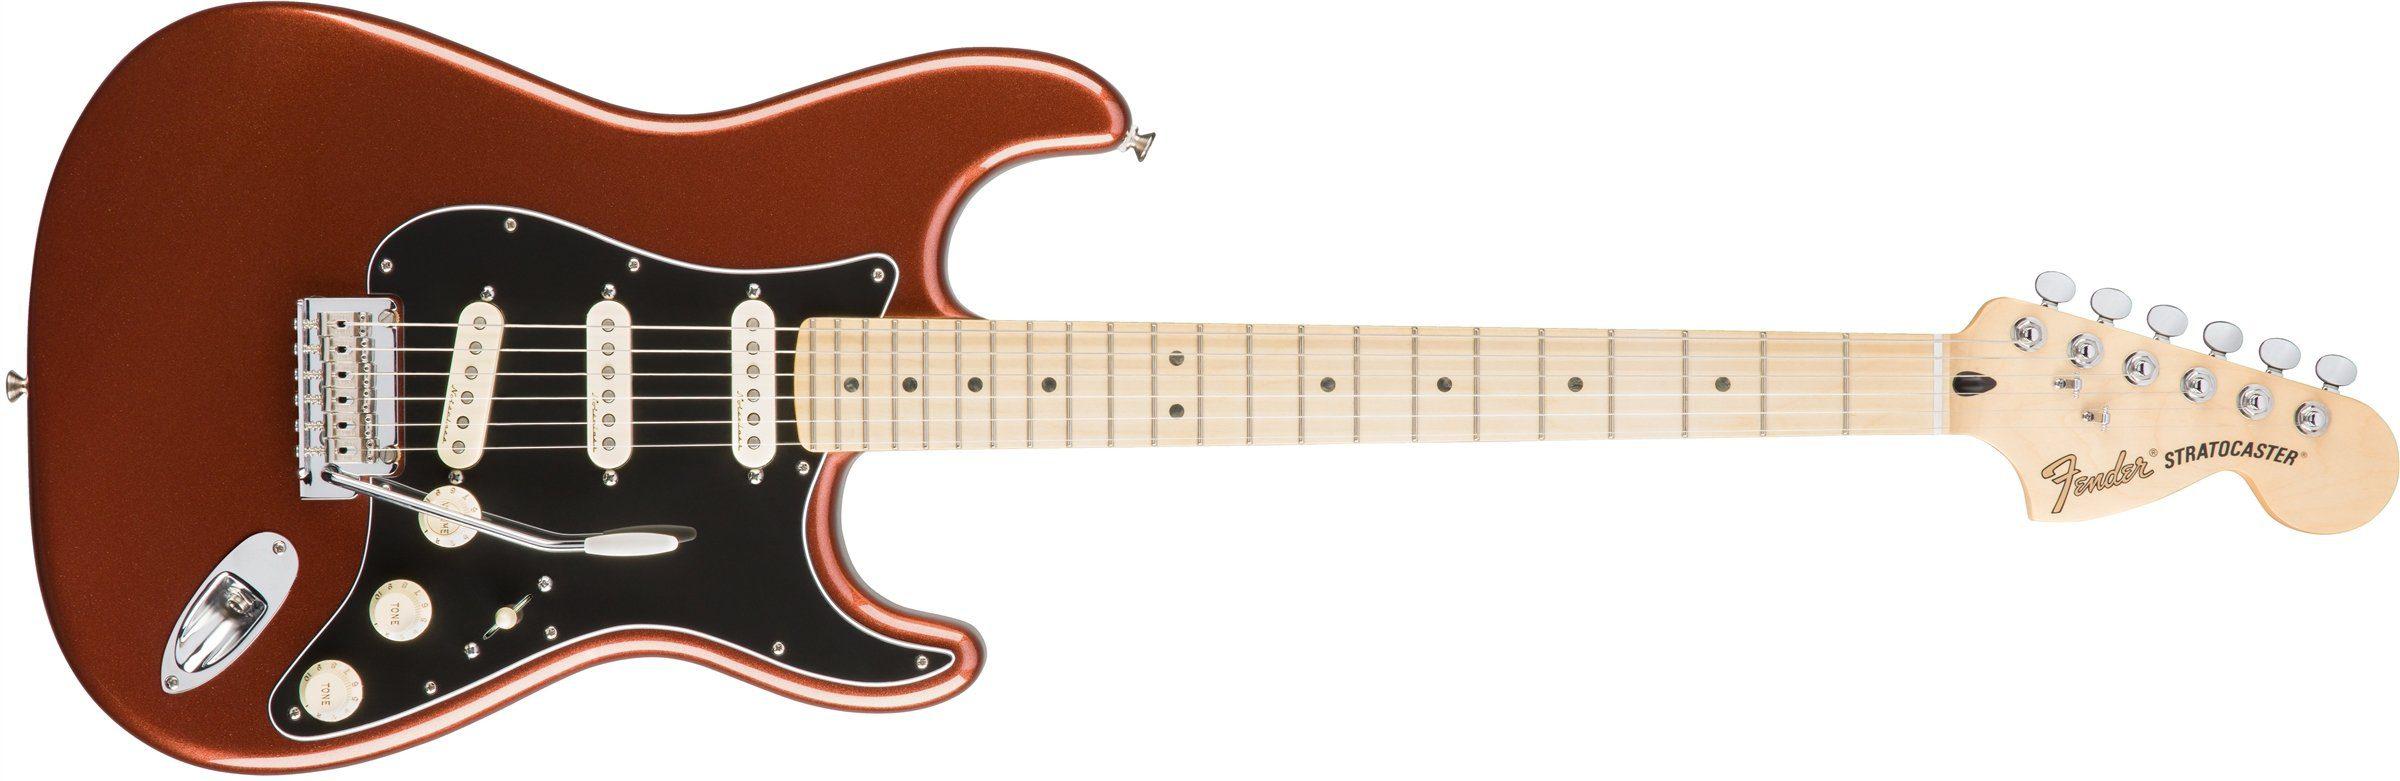 Wunderbar Fender Mustang Gitarre Schaltplan Ideen - Schaltplan Serie ...